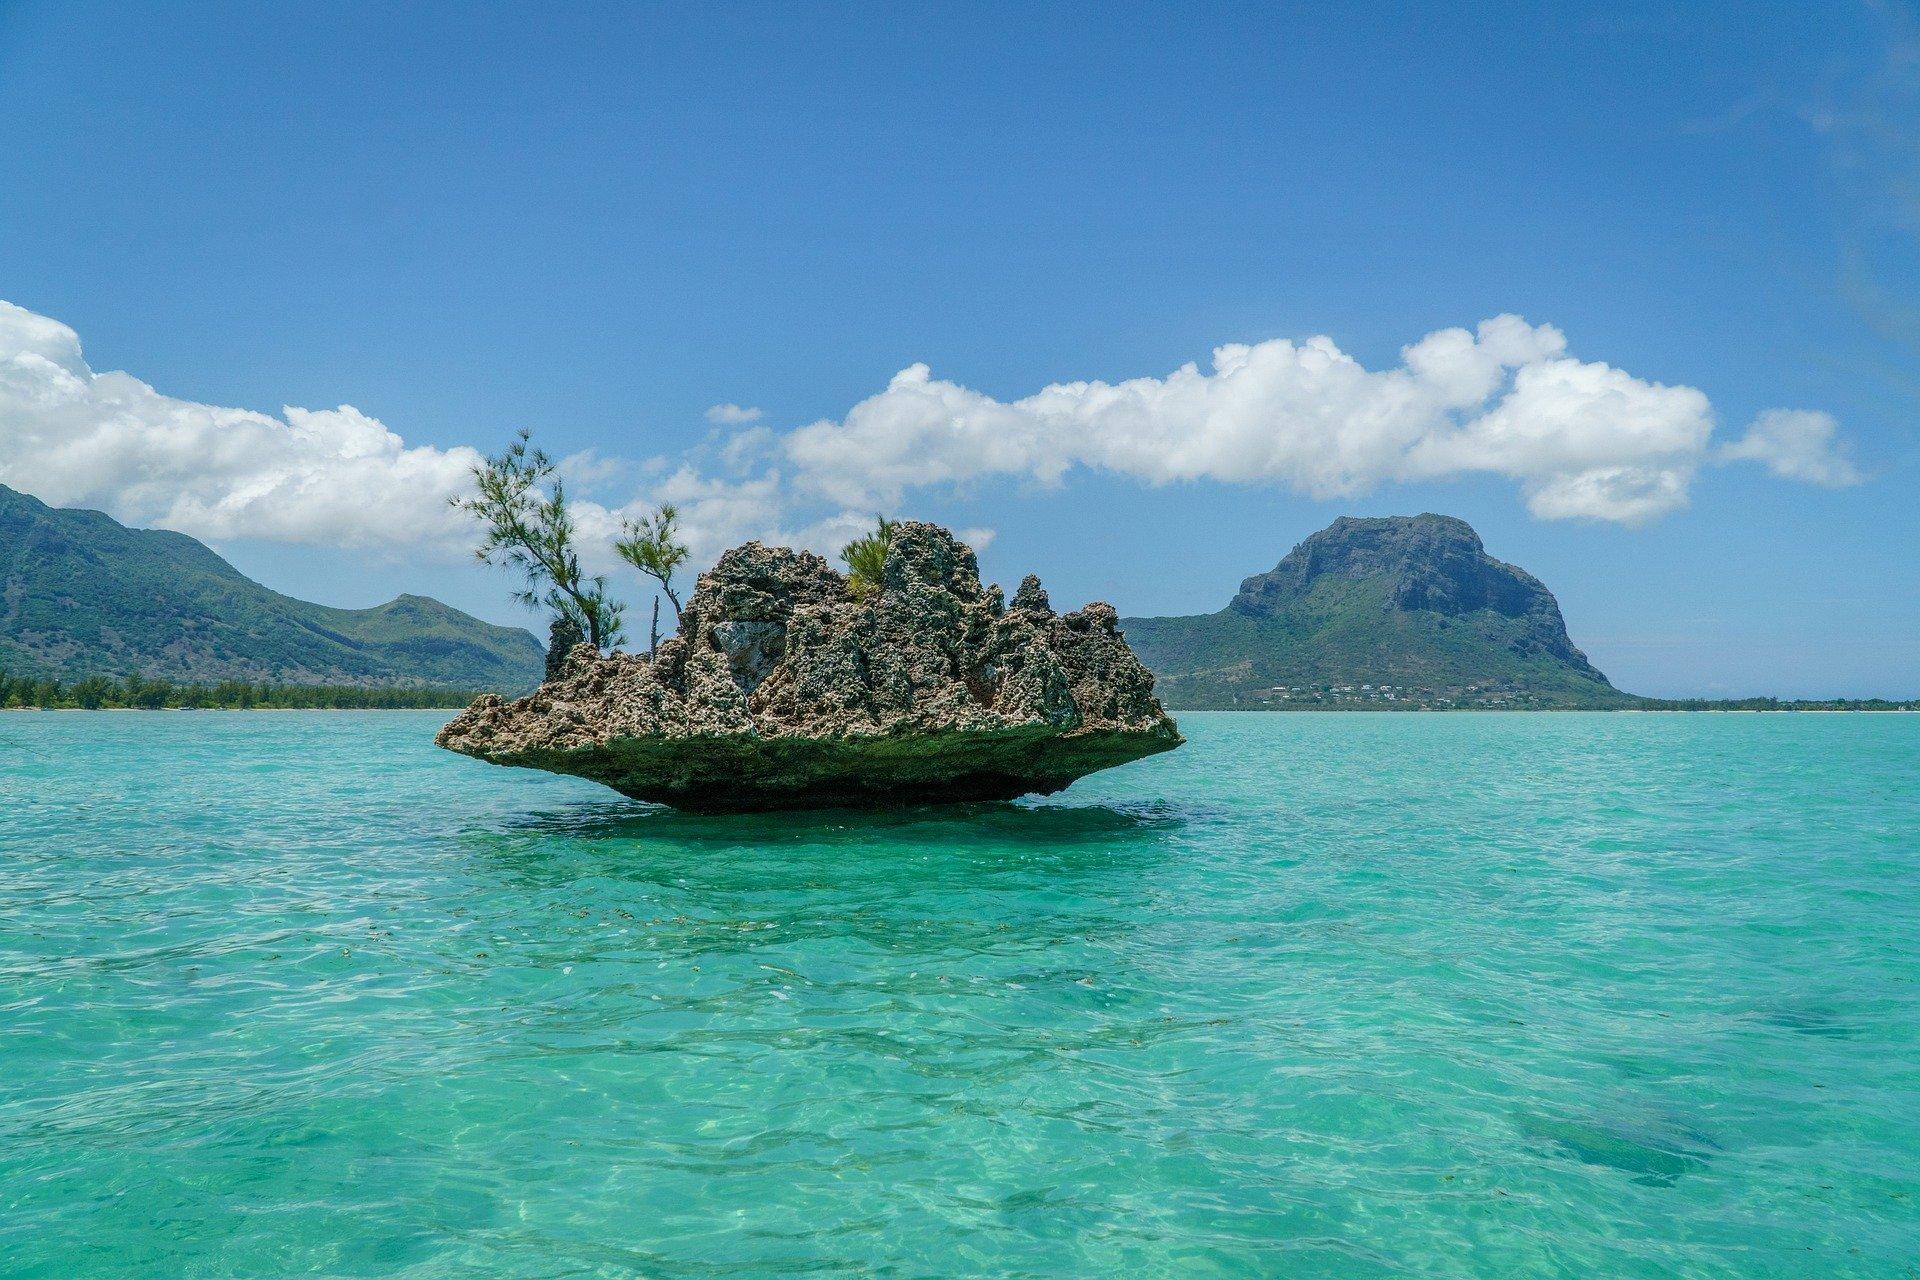 Rundreise Mauritius: Empfehlungen & Vergleich (08/20)